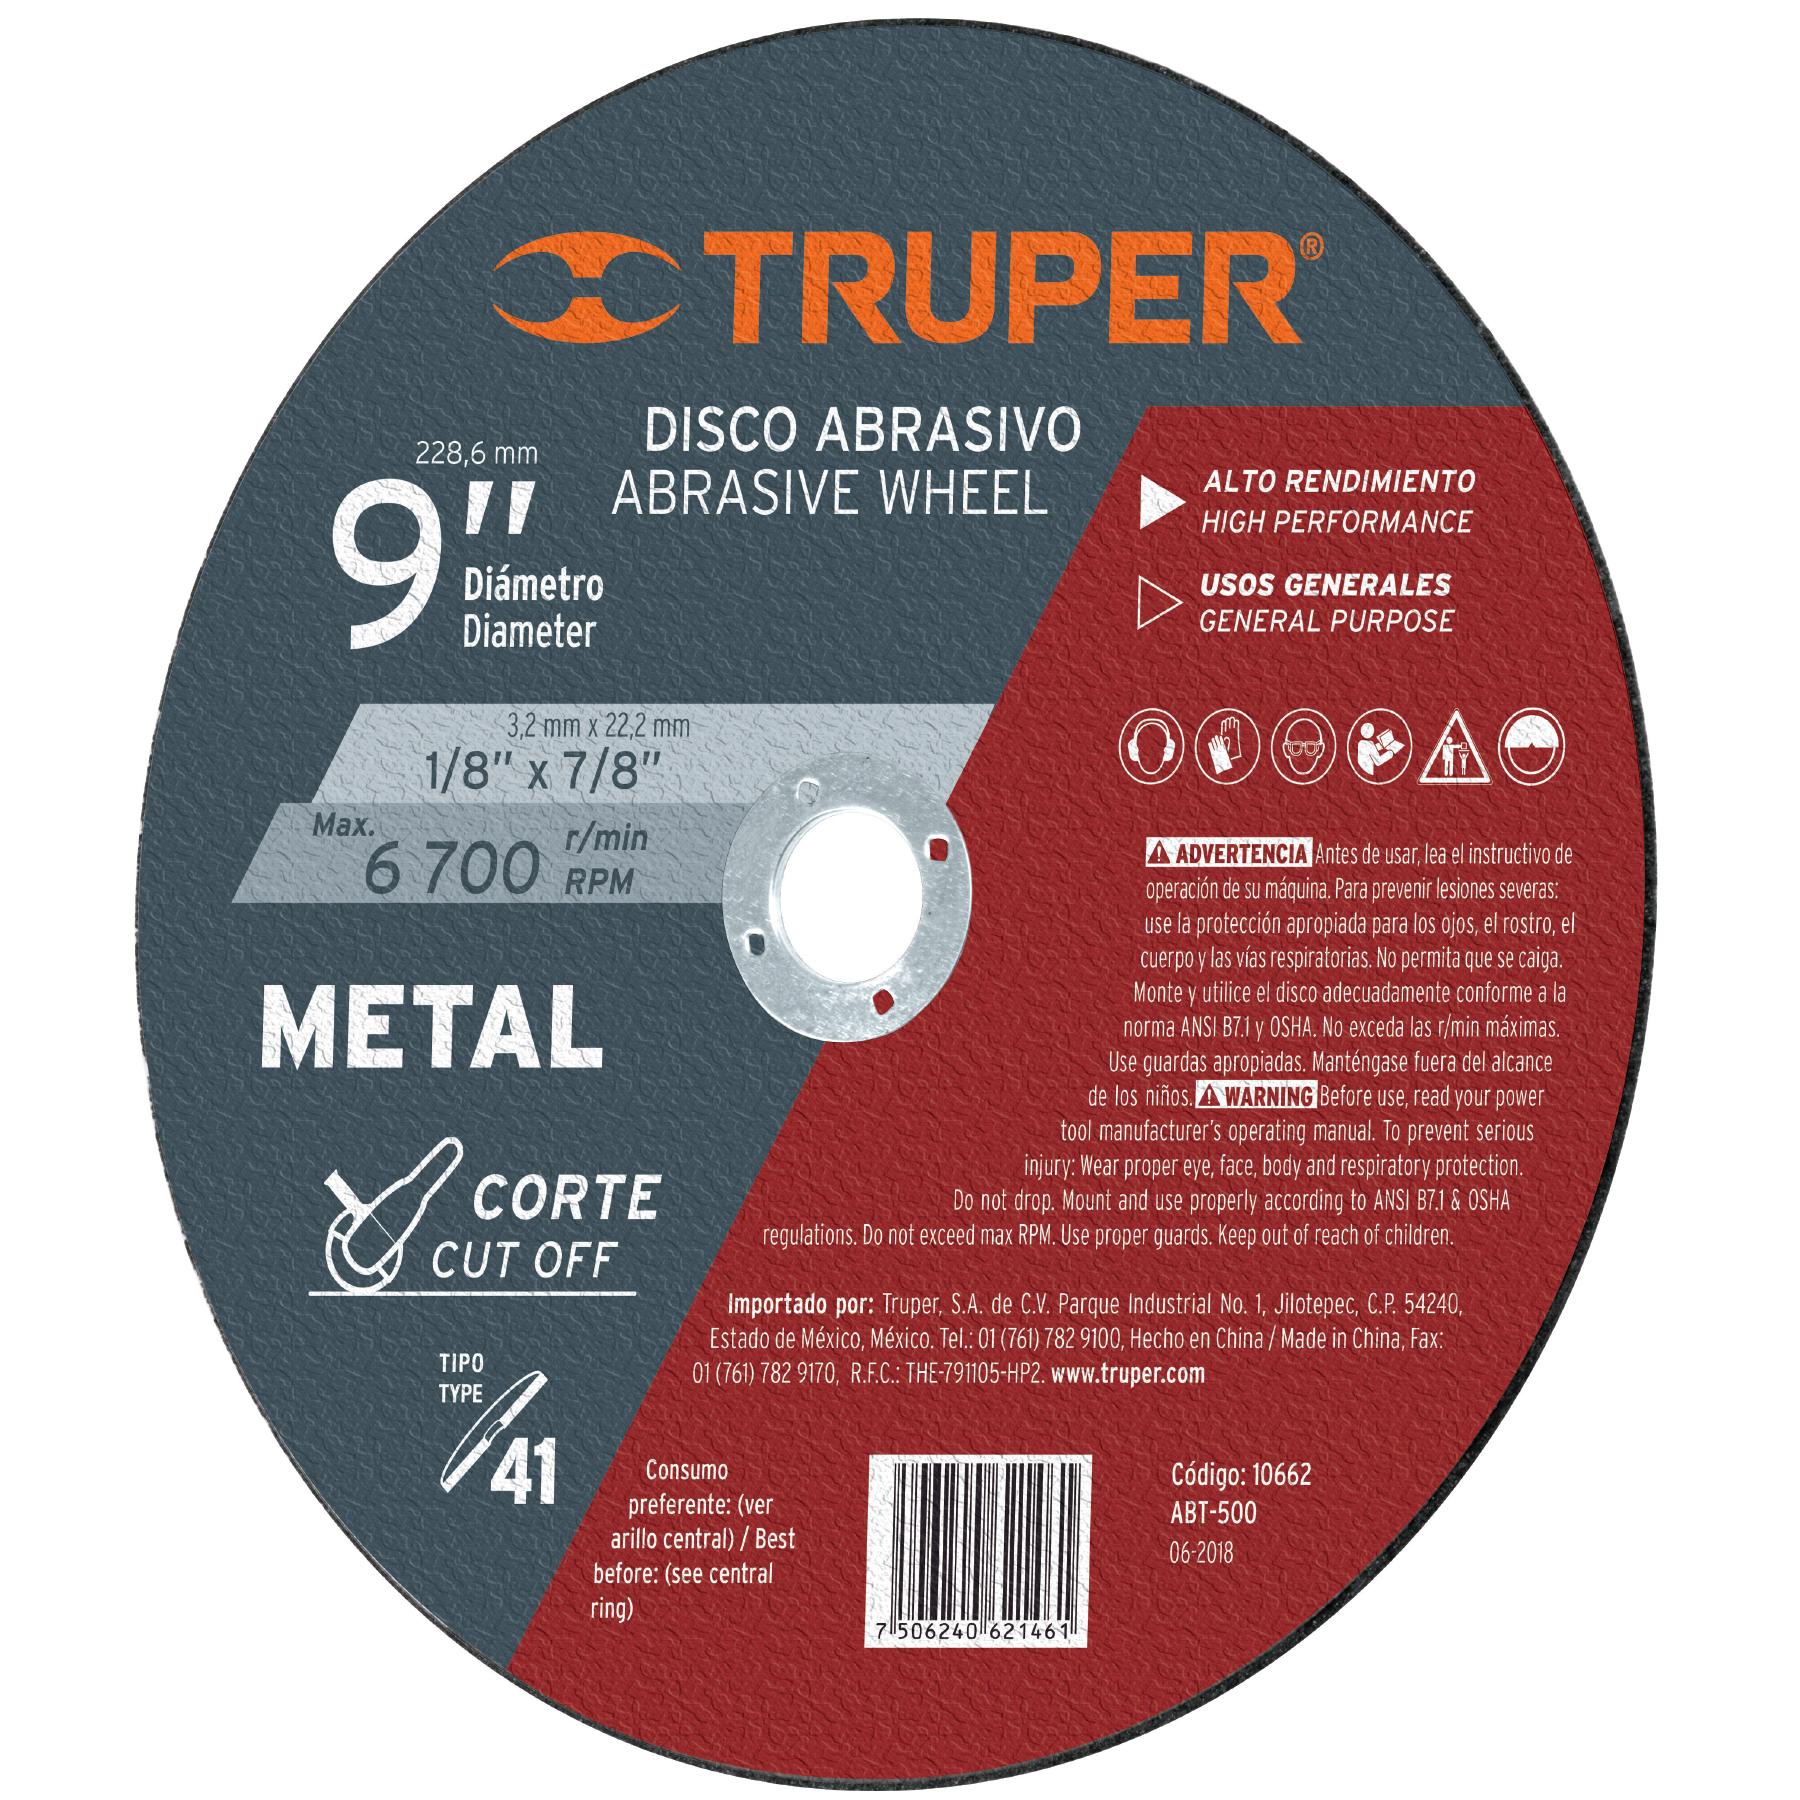 Disco para corte de metal, tipo 41, diámetro 9'